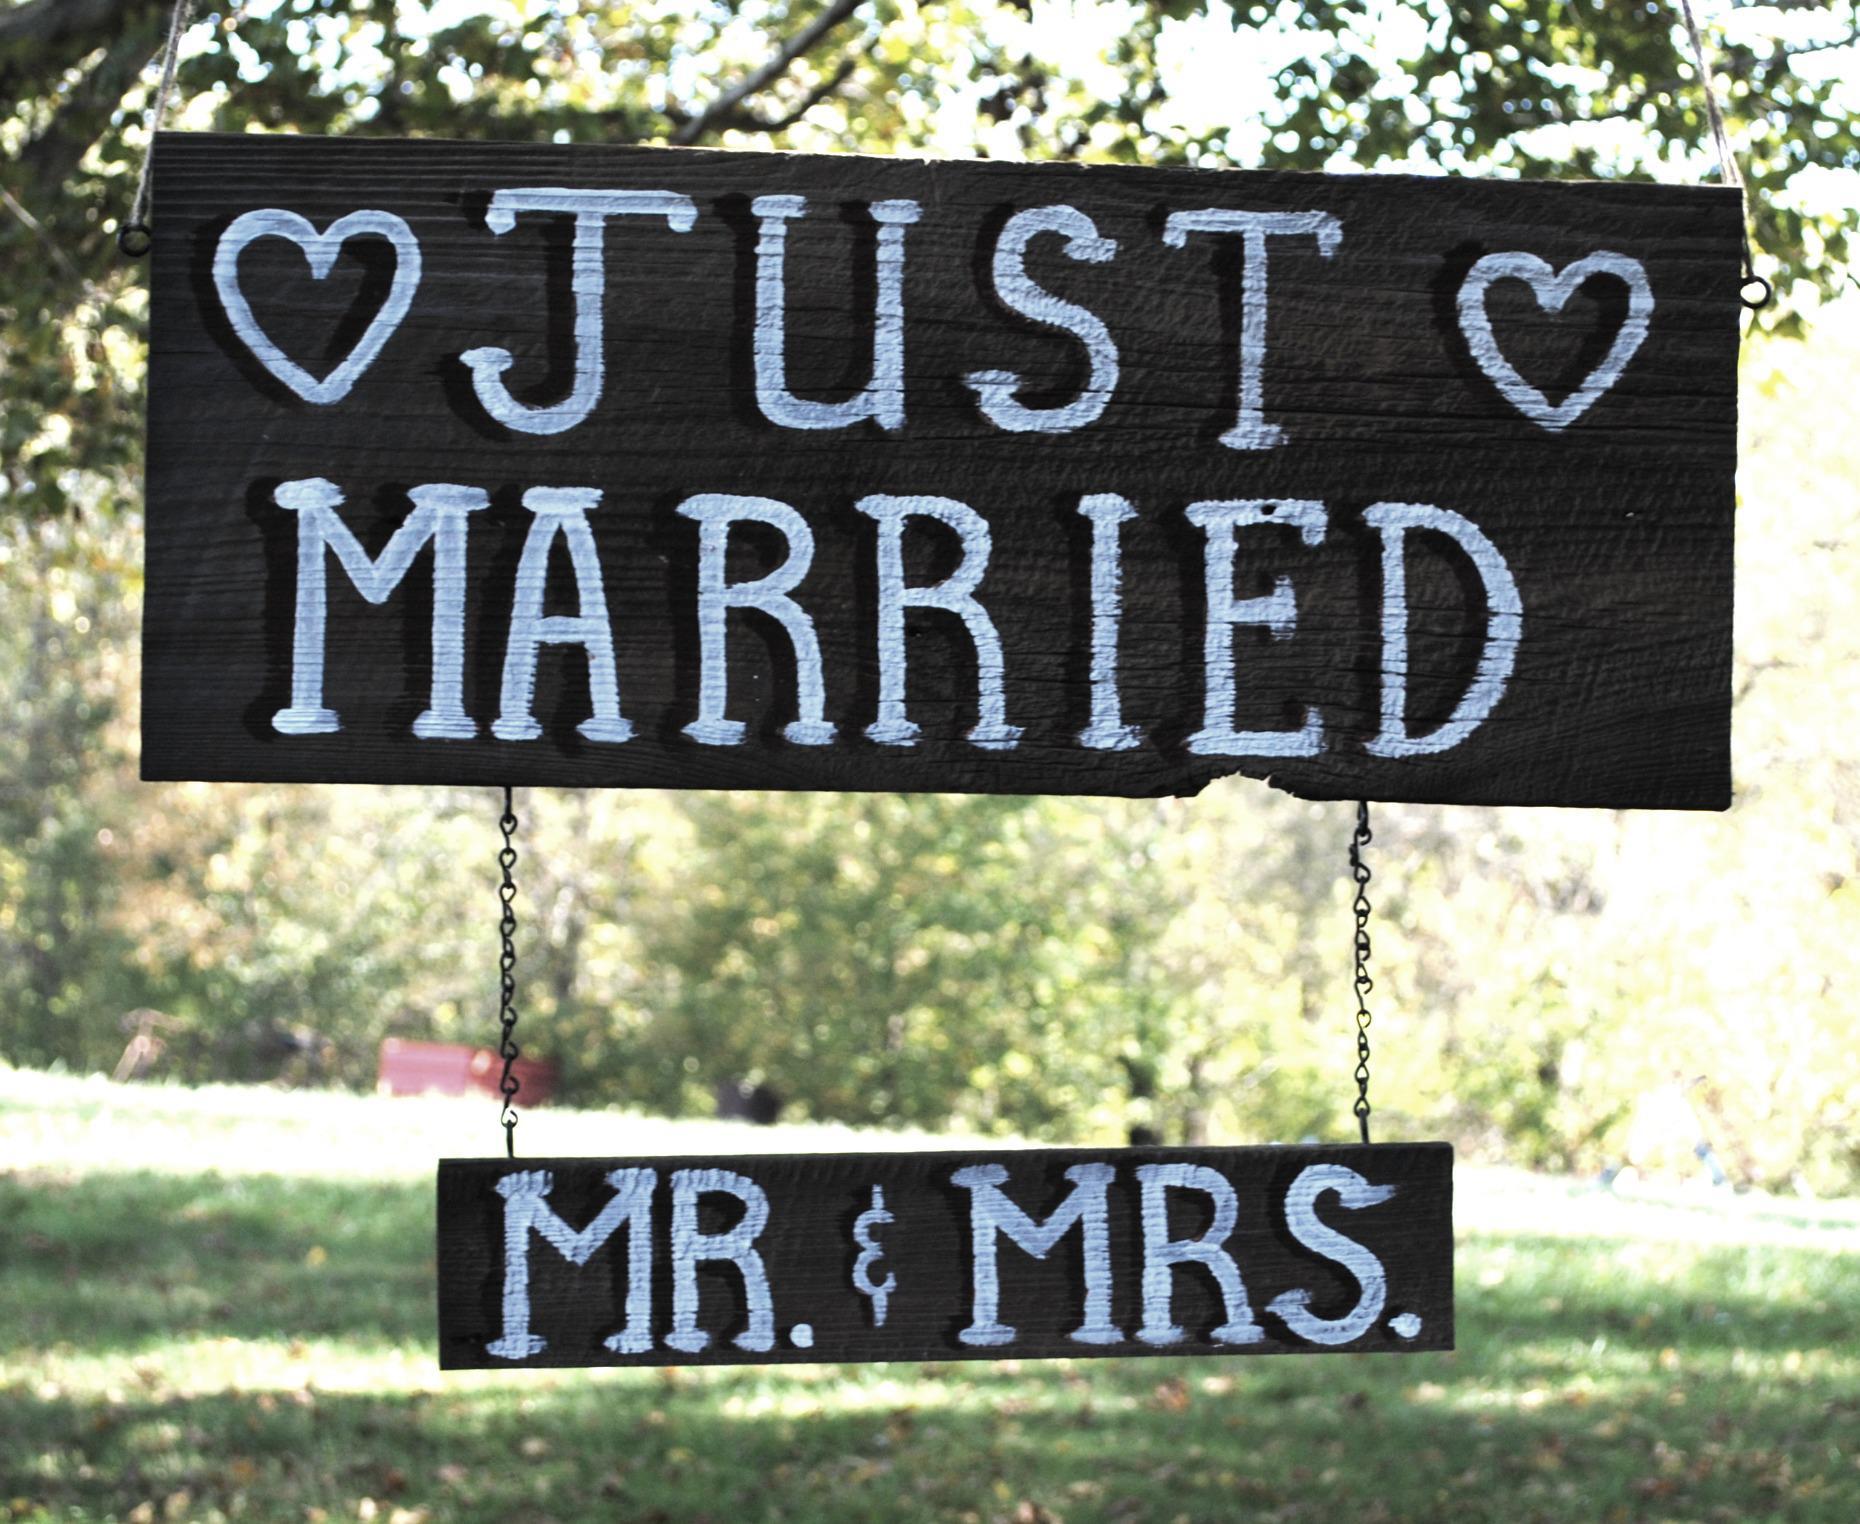 بالصور صور عن عيد الزواج , خلفيات للاحتفال بعيد الزواج 5752 9